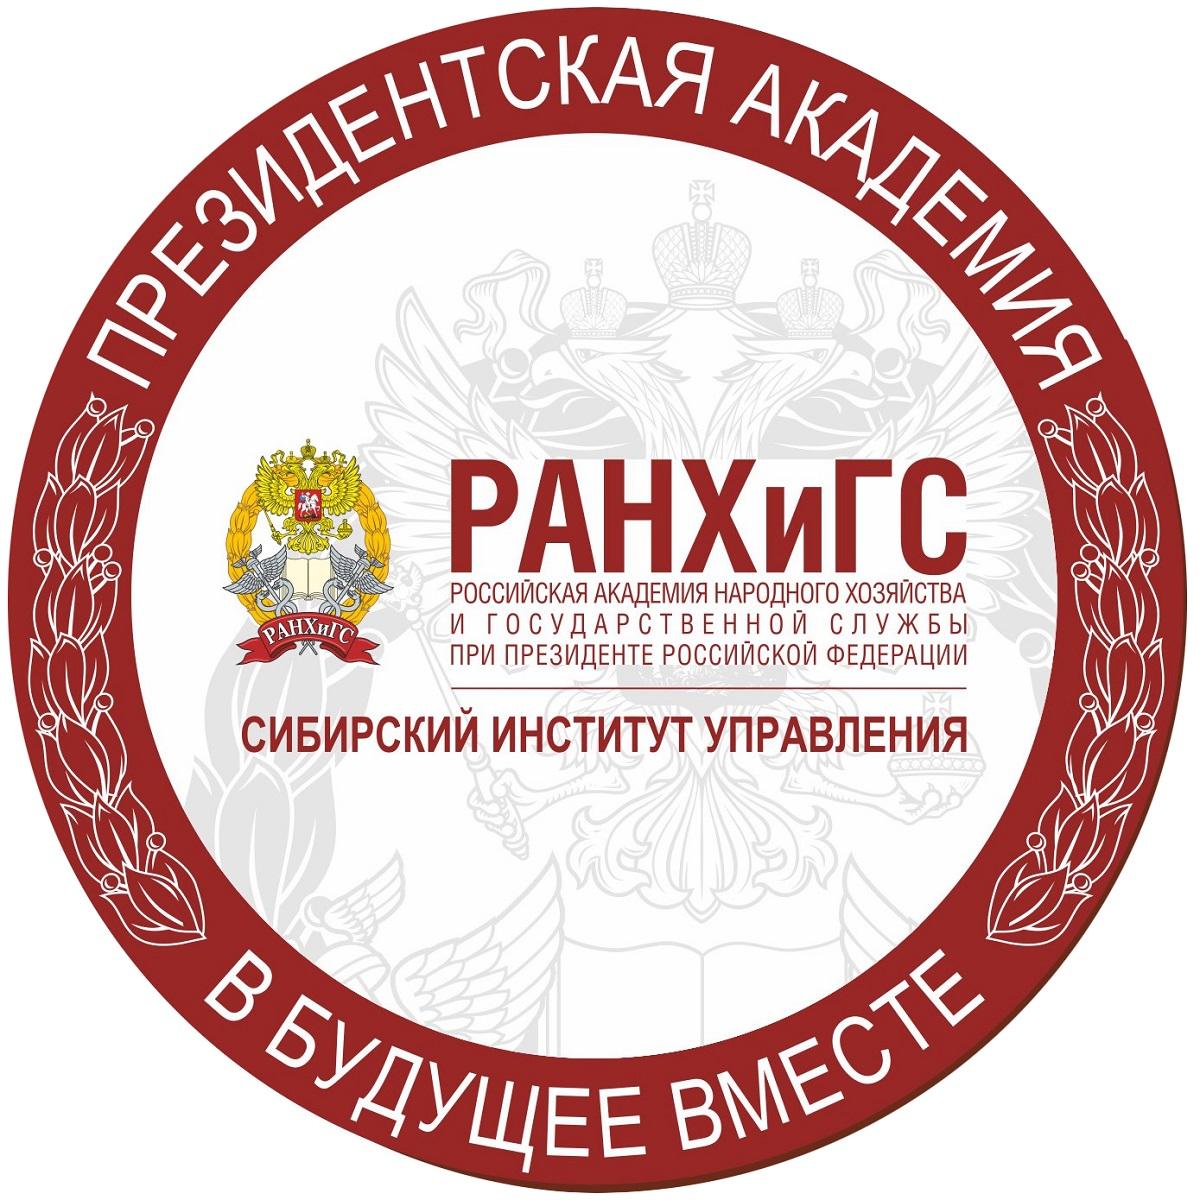 俄罗斯总统国民经济和公共管理学院(РАНХиГС)插图1-小狮座俄罗斯留学